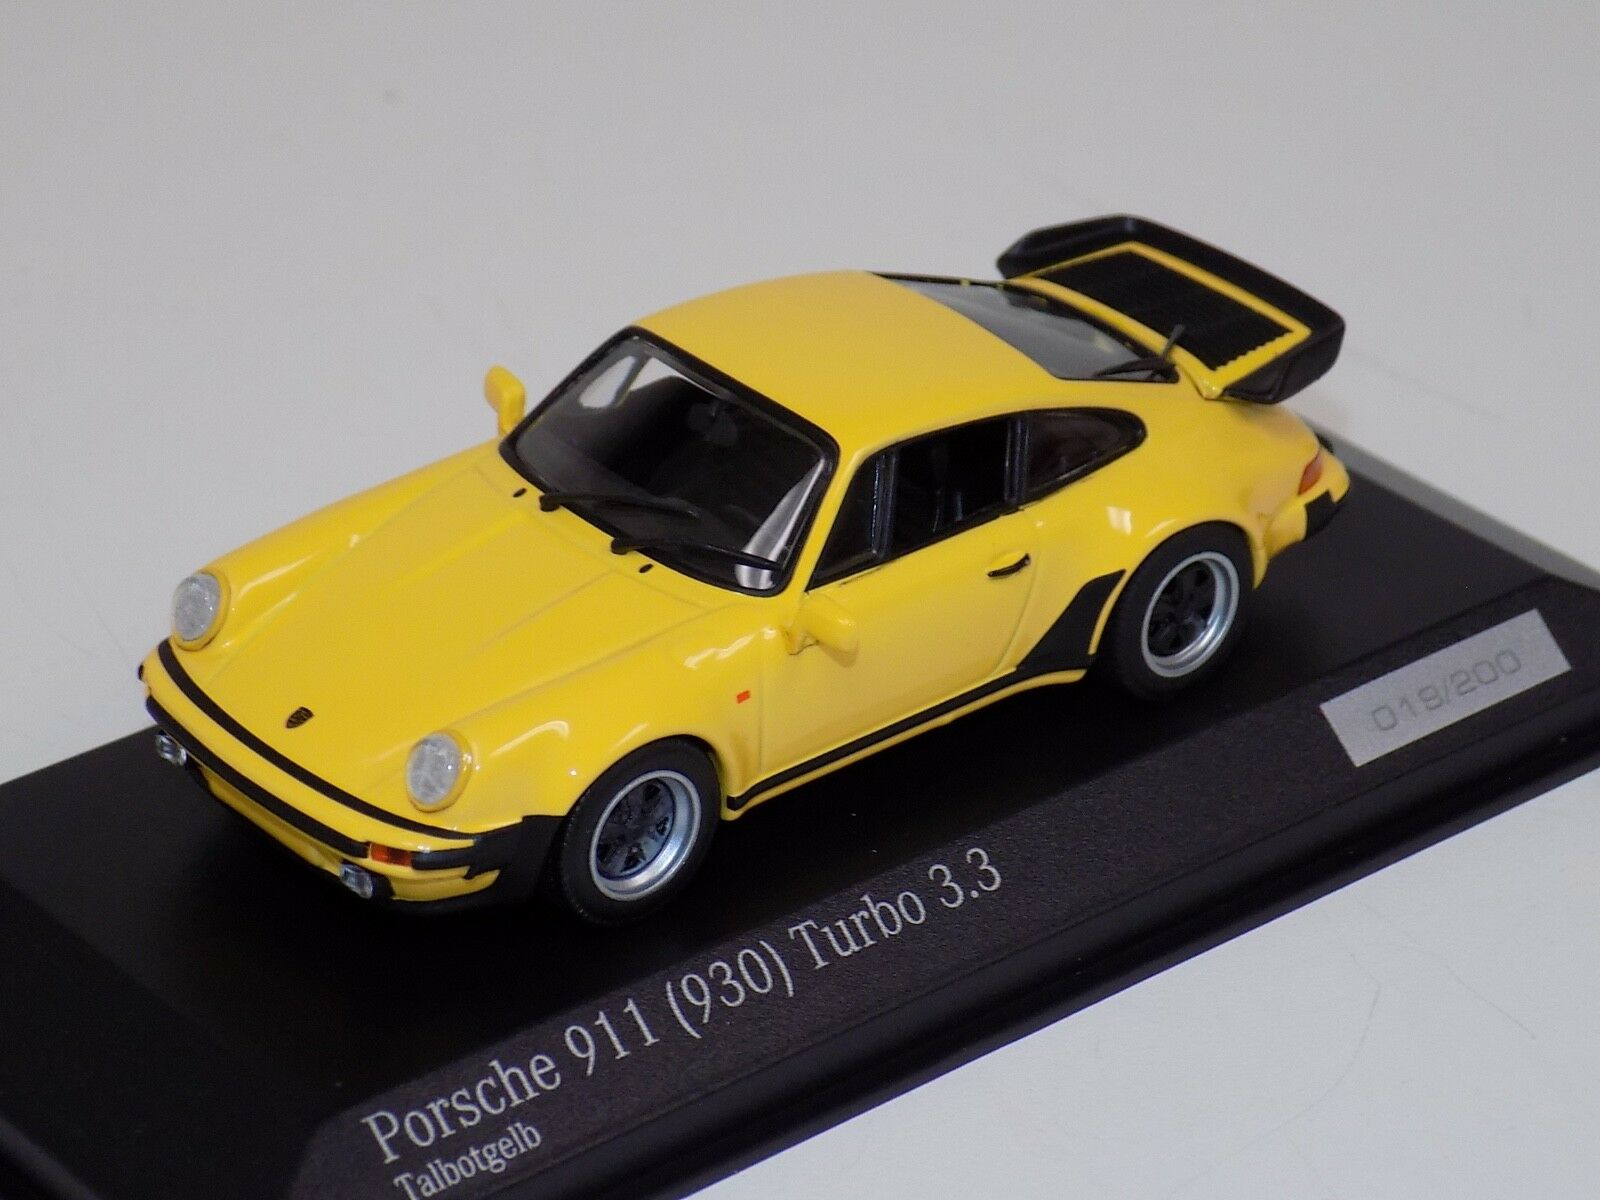 1 43 Minichamps PORSCHE 911 (930) 3.3 3.3 3.3 Turbo. CA04316037 Amarillo 78accc